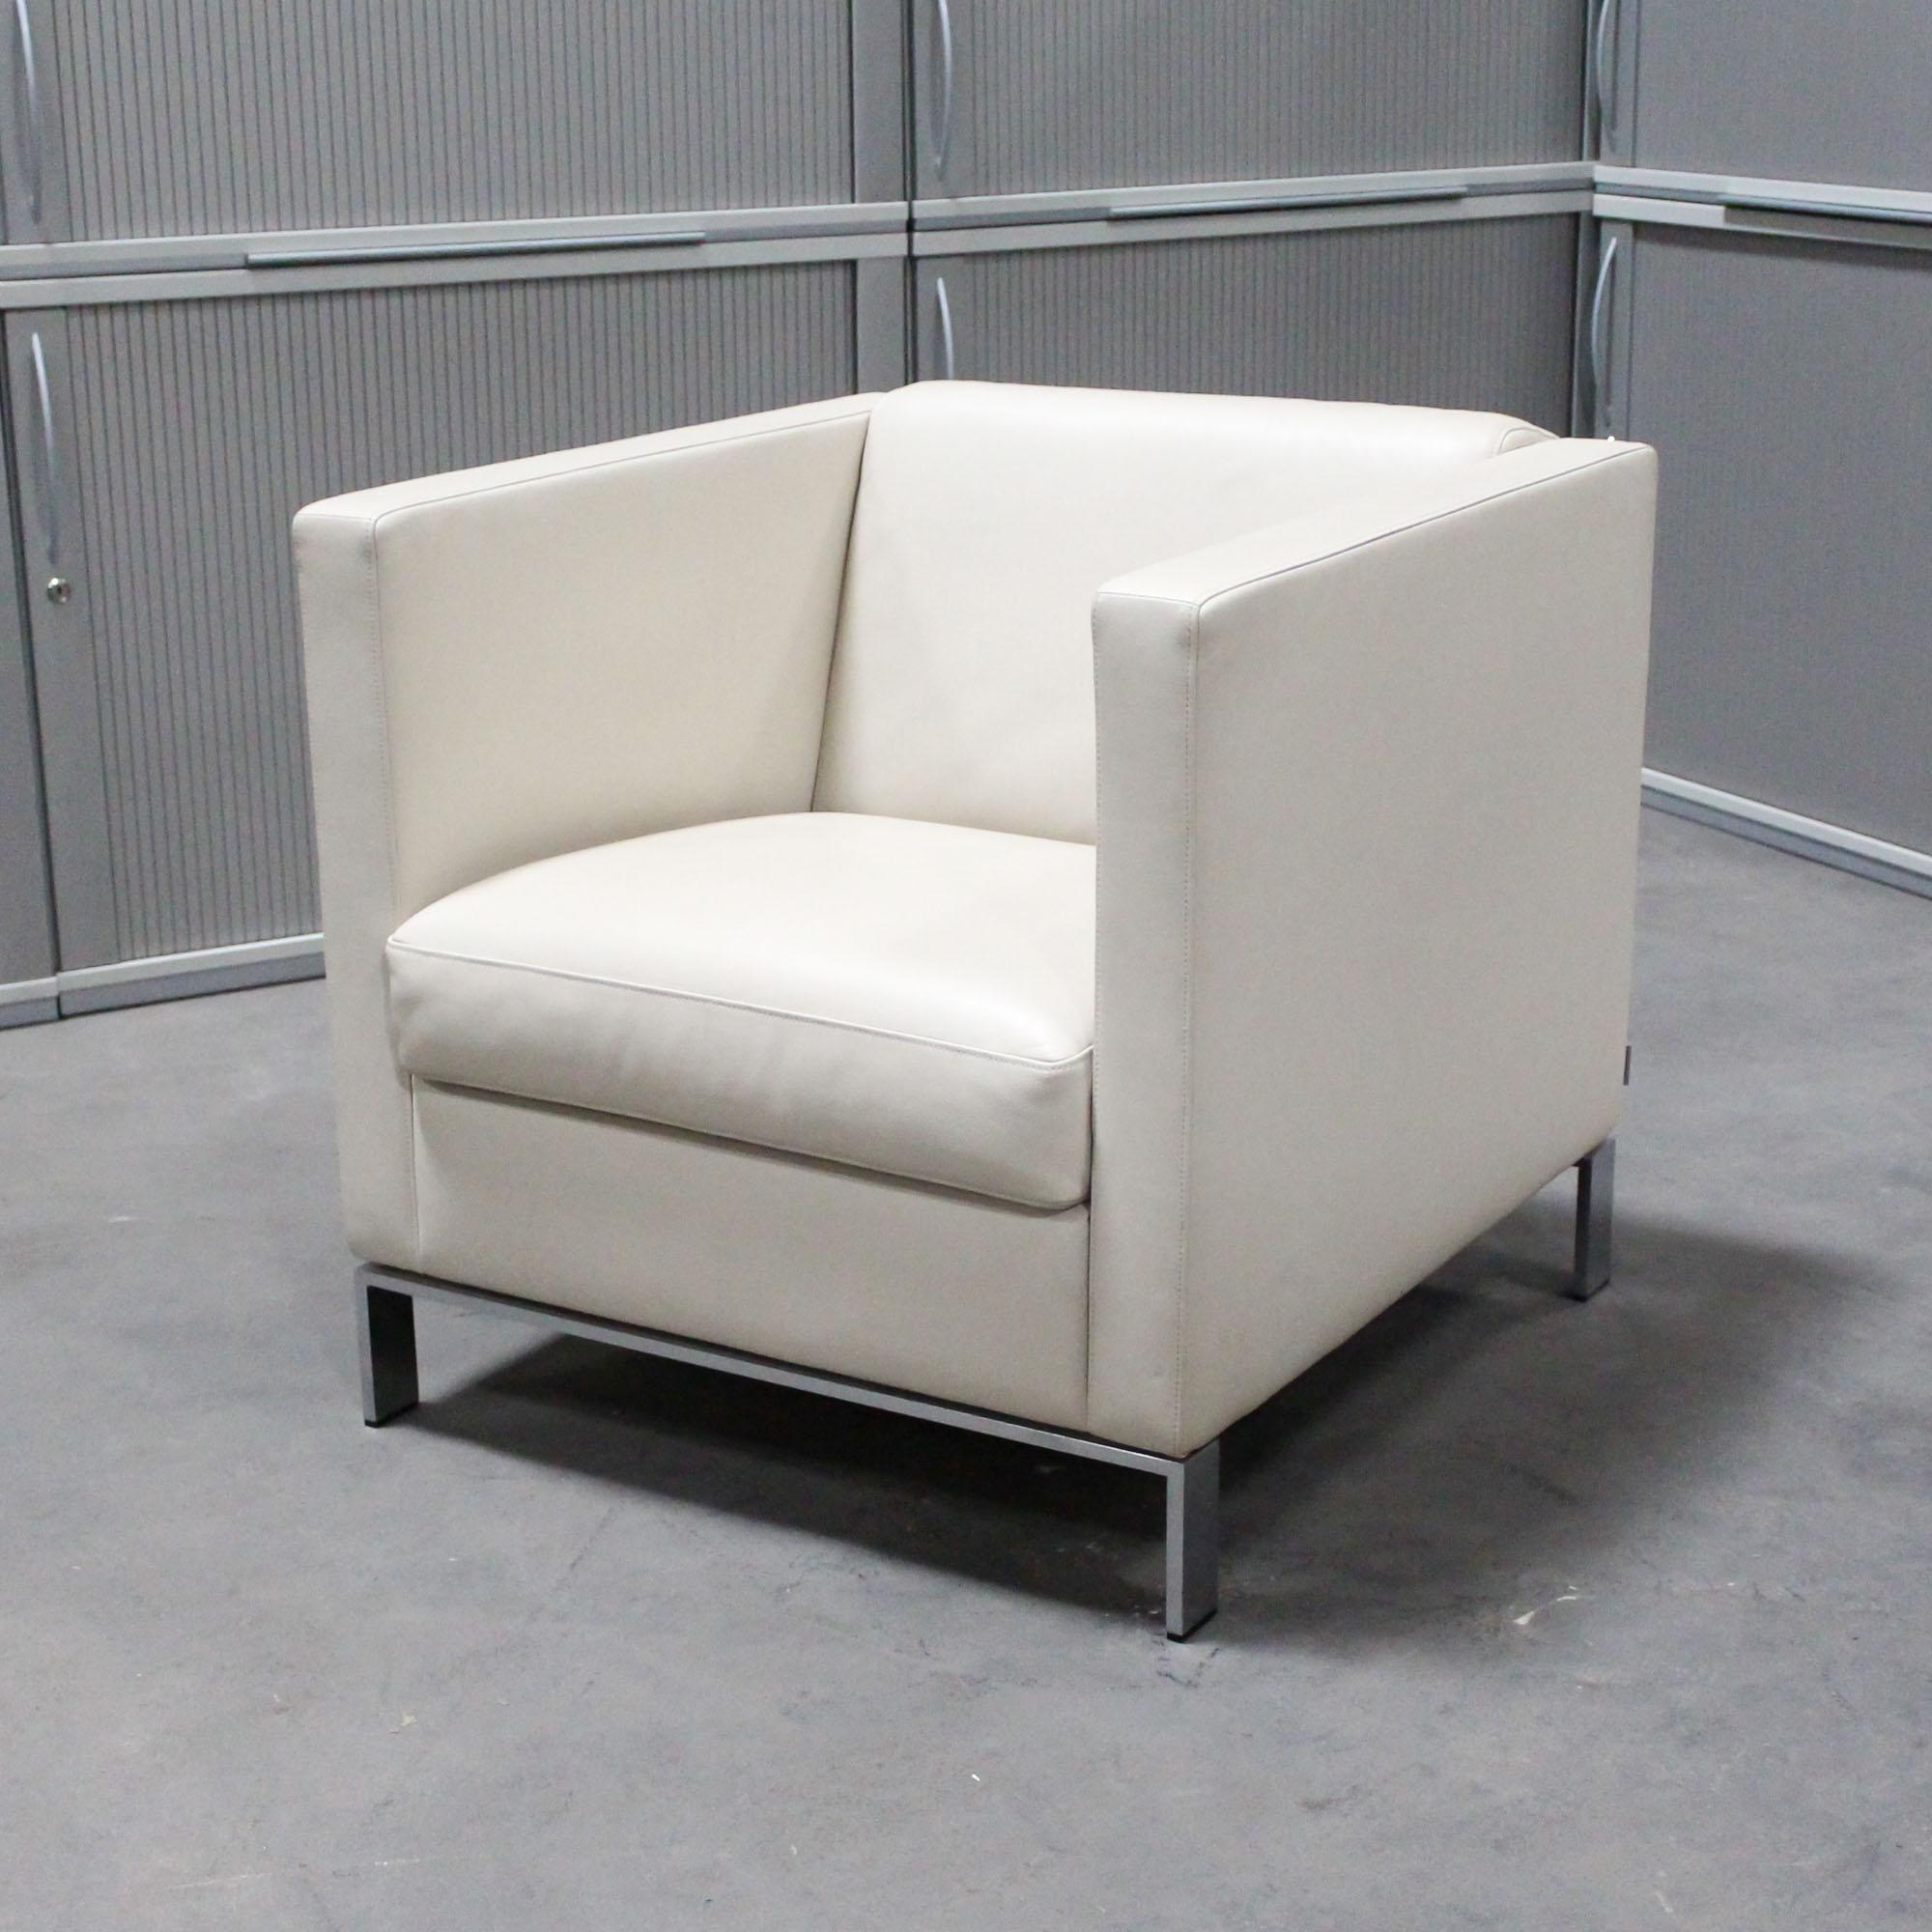 walter knoll sessel foster 500 leder creme wei designklassiker ks b rom bel. Black Bedroom Furniture Sets. Home Design Ideas